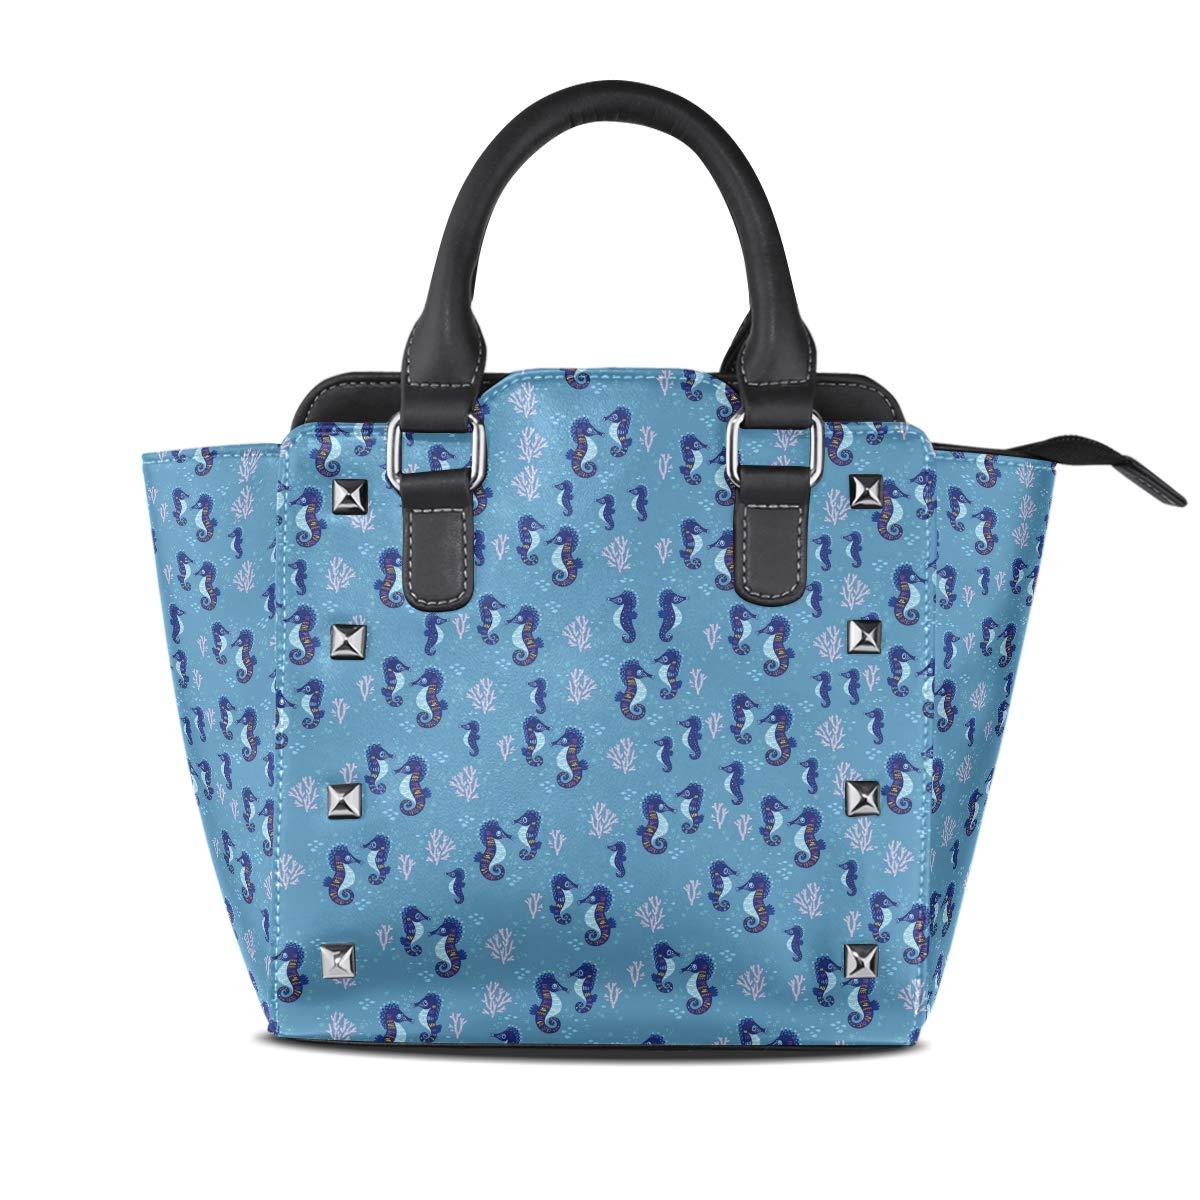 Design5 Handbag Alien Flying Ship Space Genuine Leather Tote Rivet Bag Shoulder Strap Top Handle Women